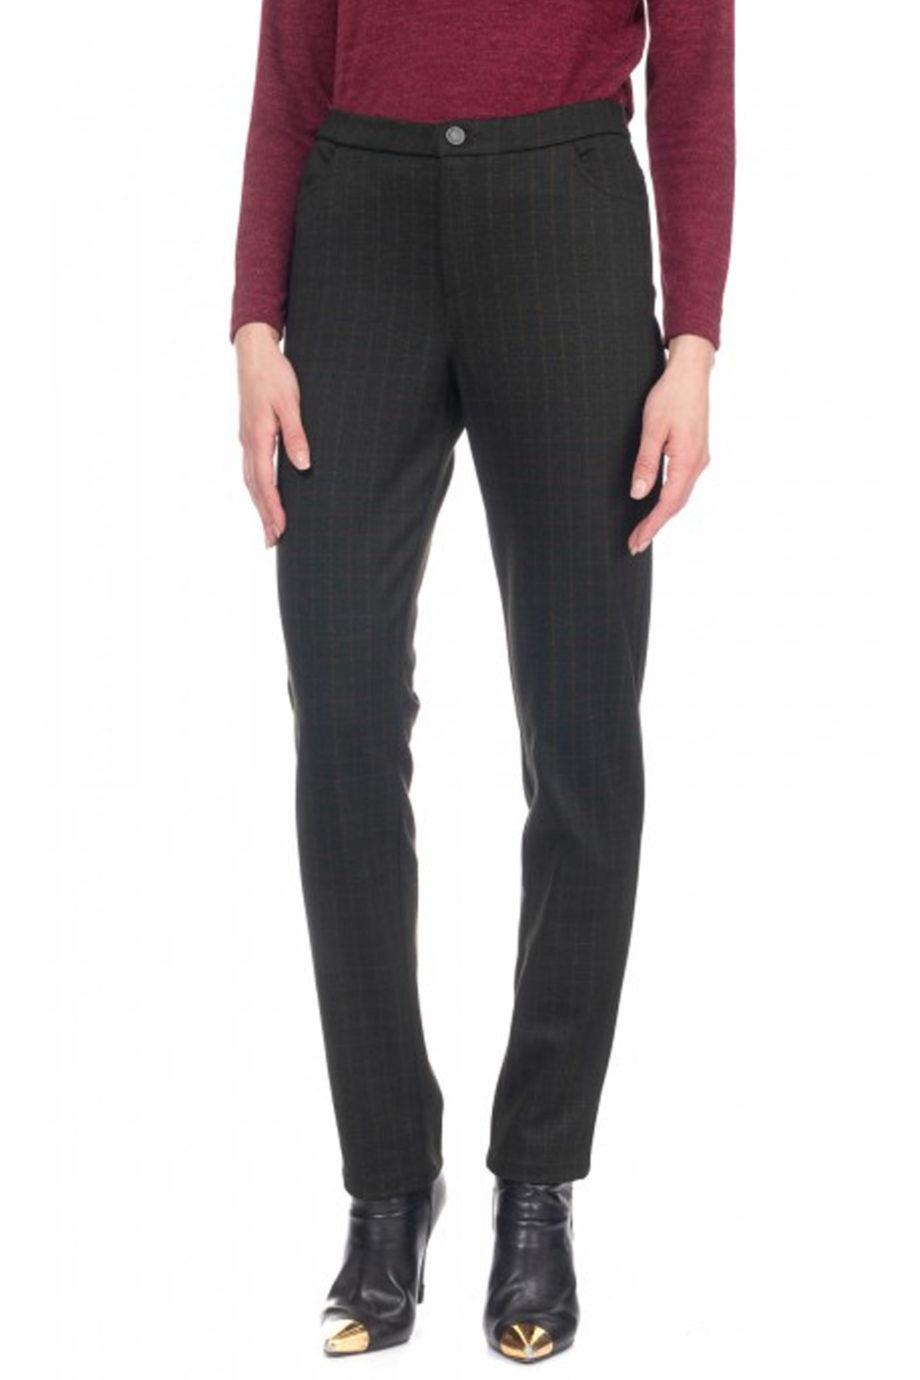 COWEST-pantalon-OXFORD